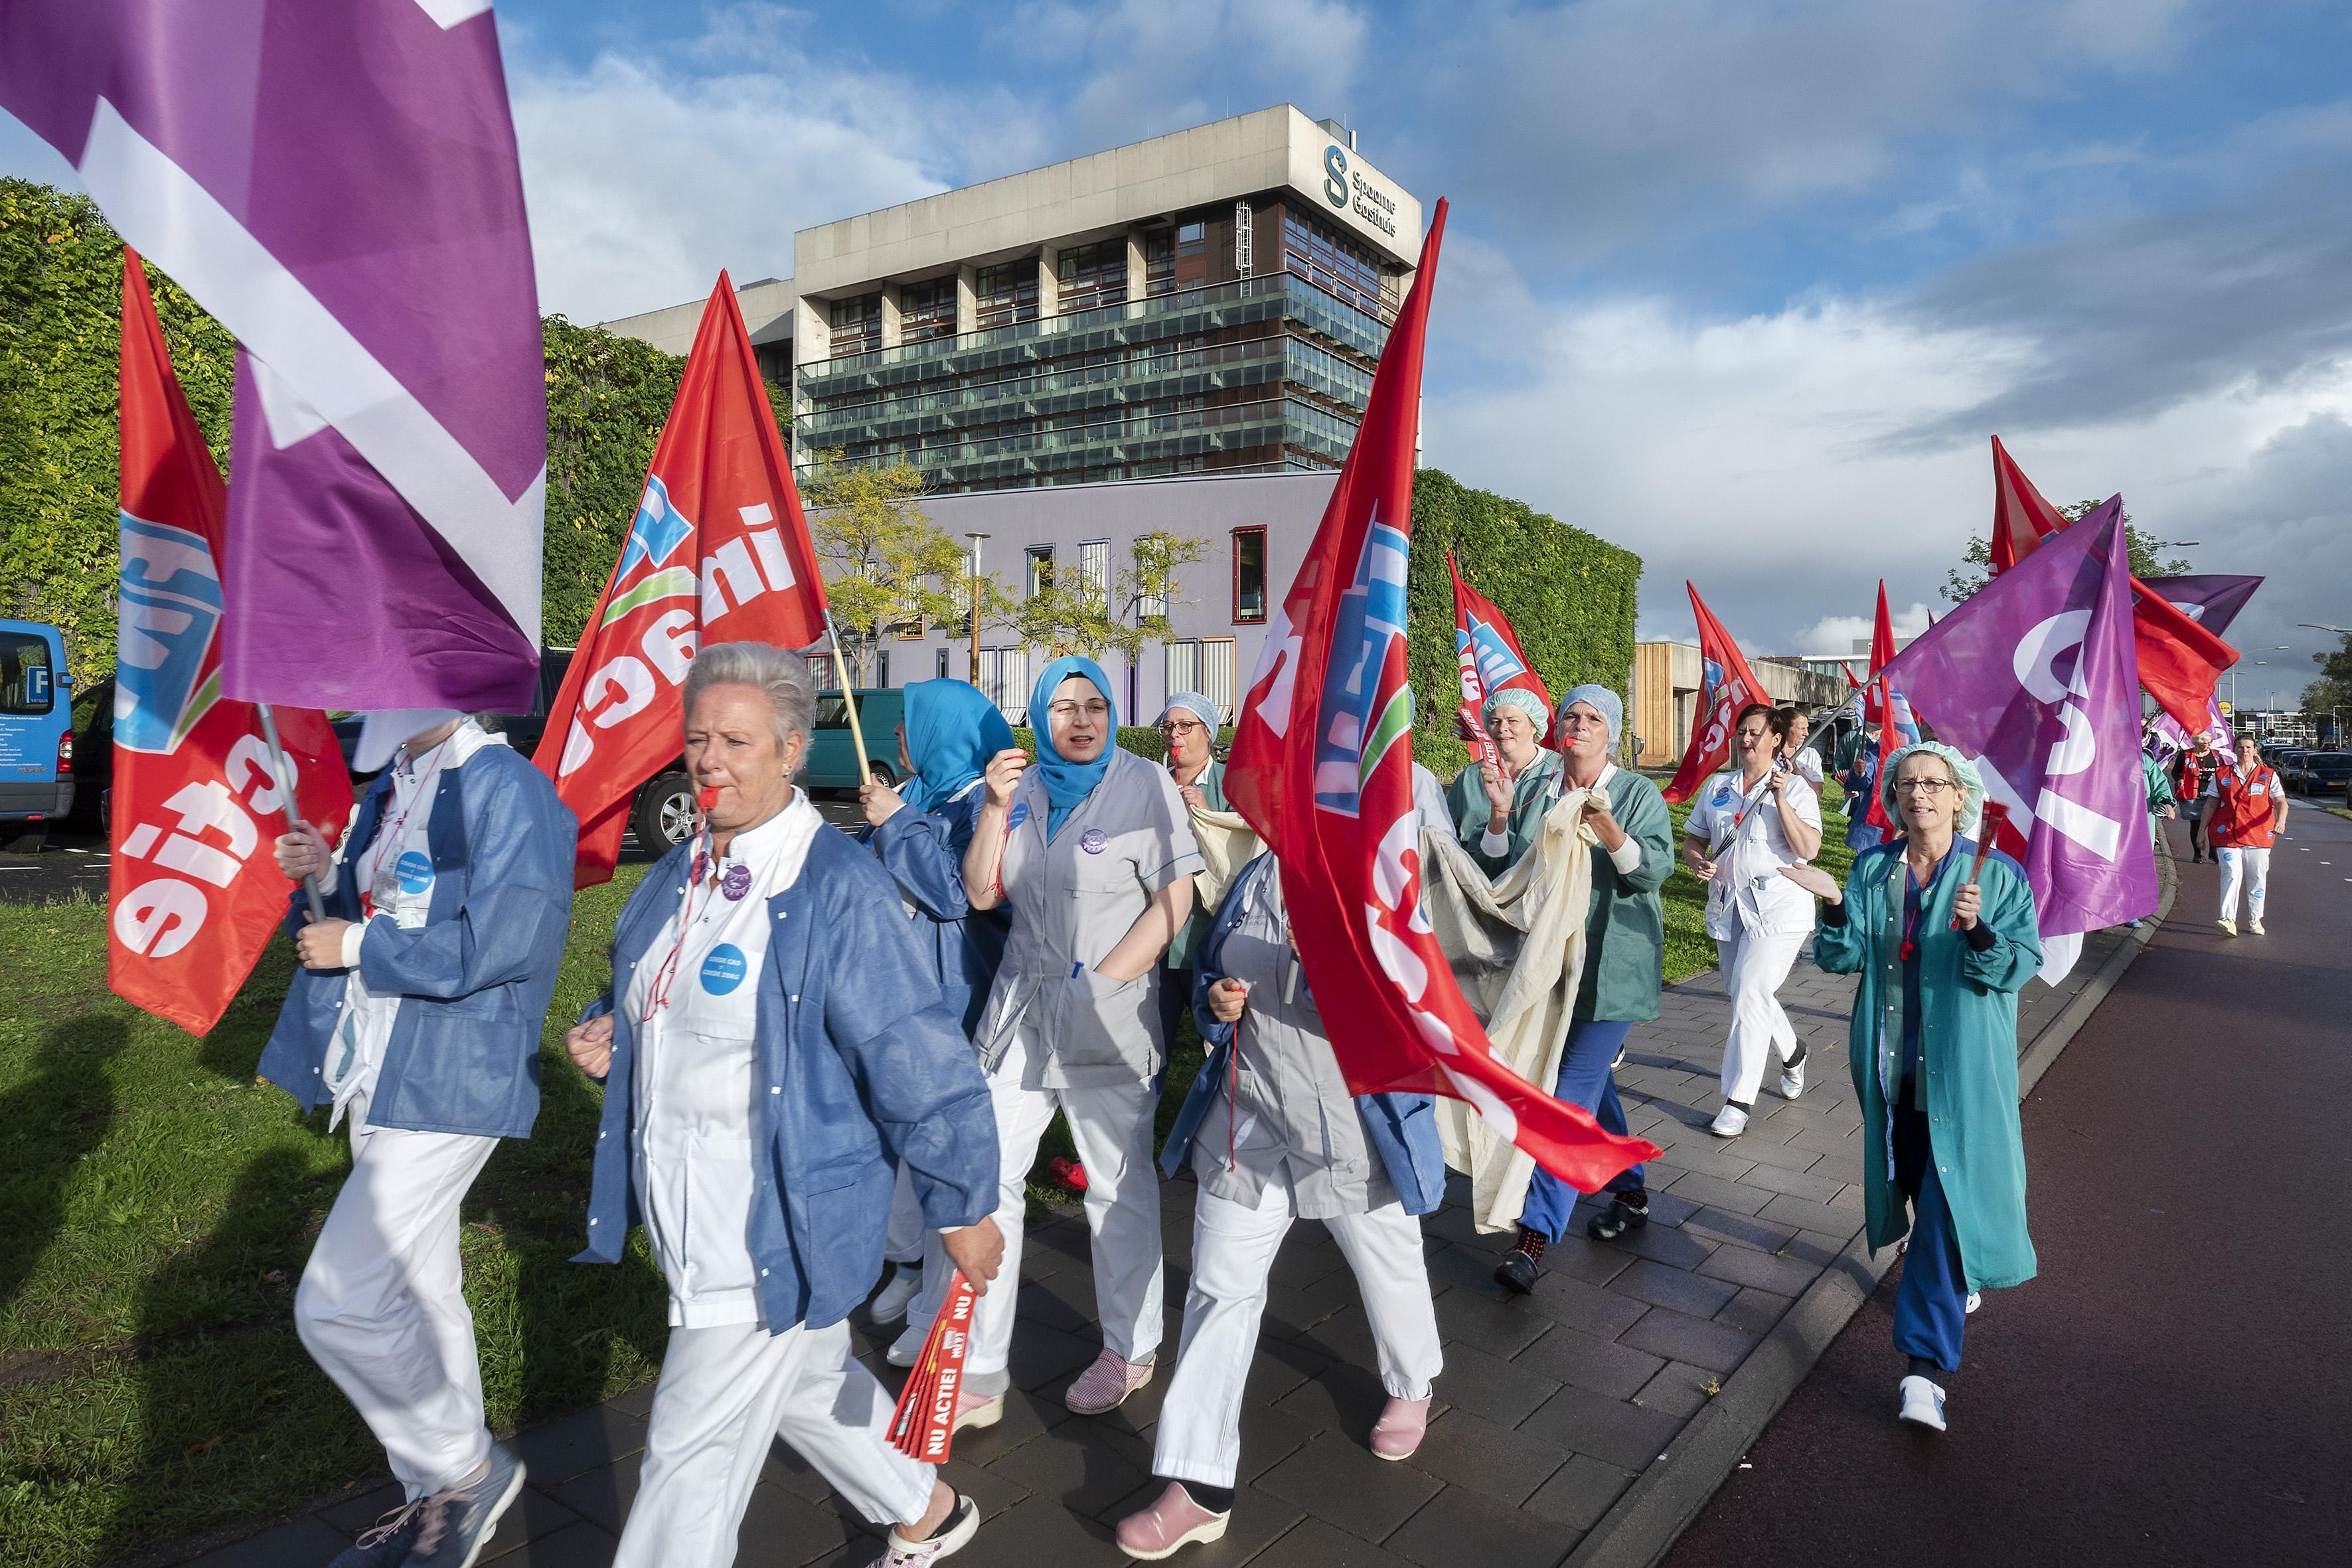 Acties Spaarne Gasthuis verharden: Ziekenhuisdirectie overweegt loon in te houden - Haarlems Dagblad